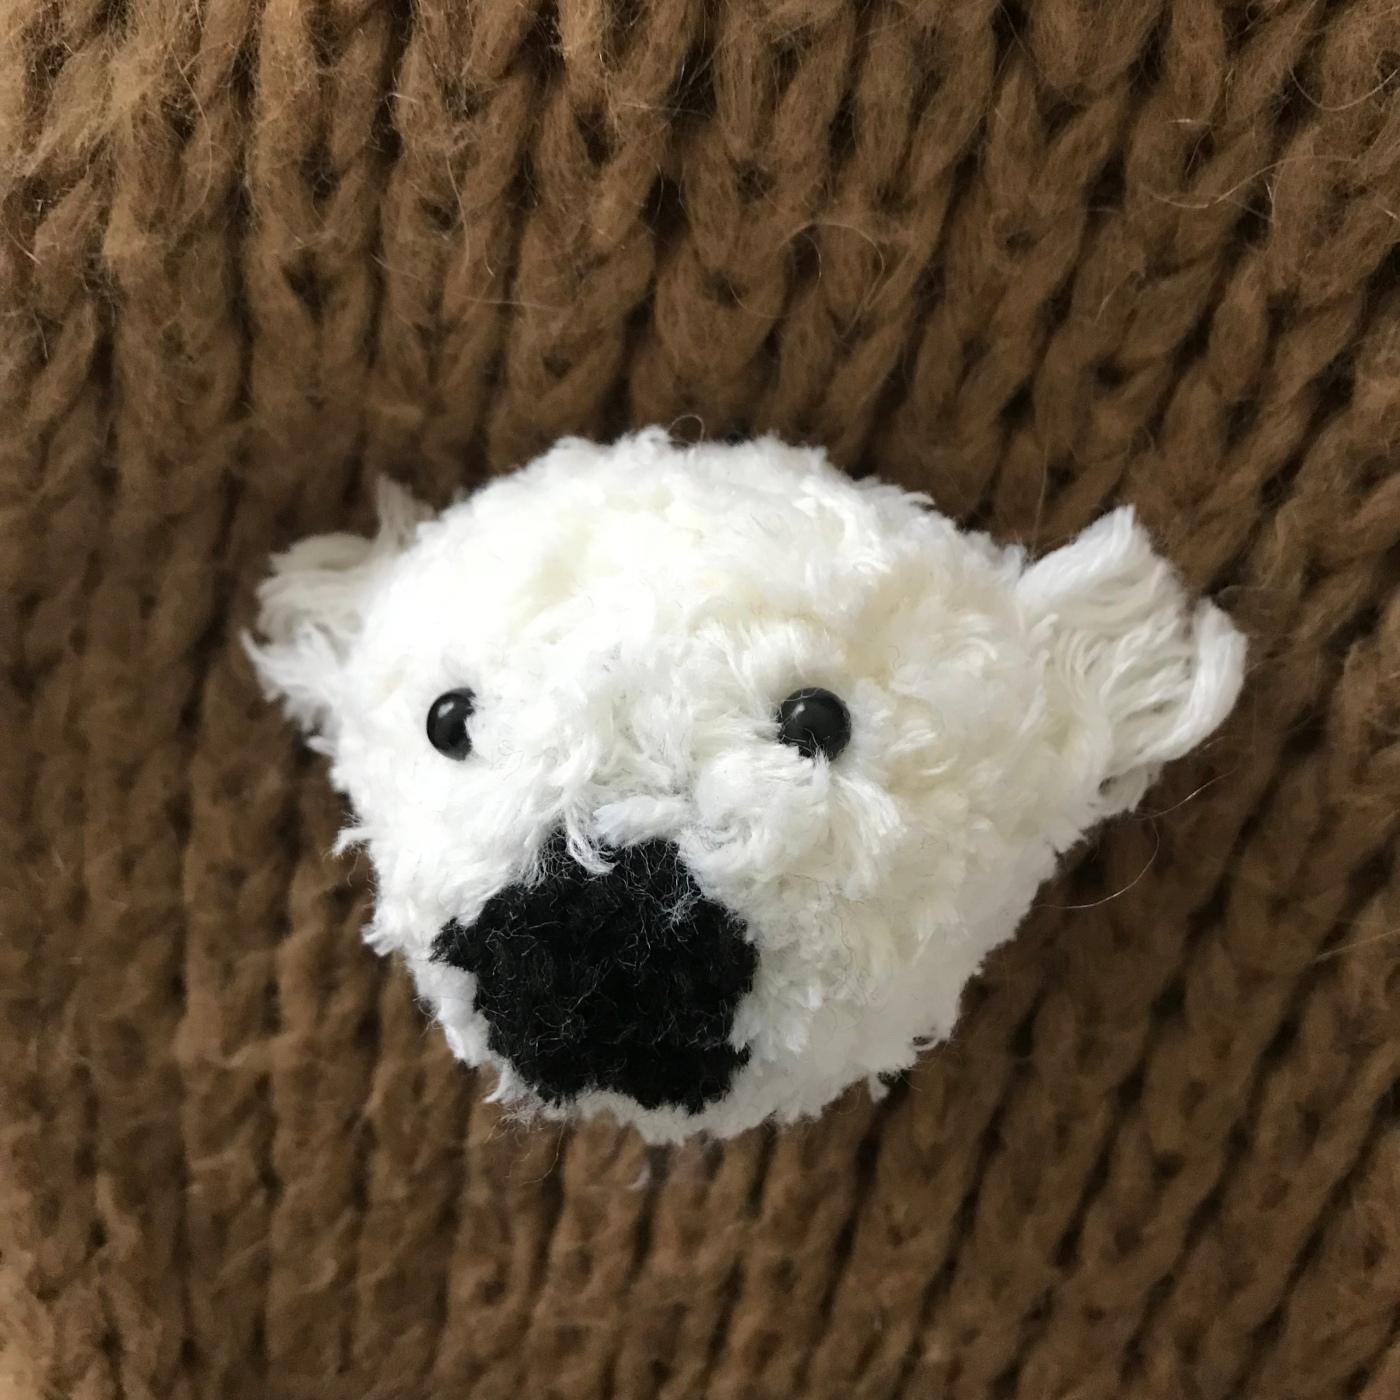 Nounours polaire broché en vue - broche - laine - pompon animal - bricolage enfant - DIY - craft for kids - Image à la une